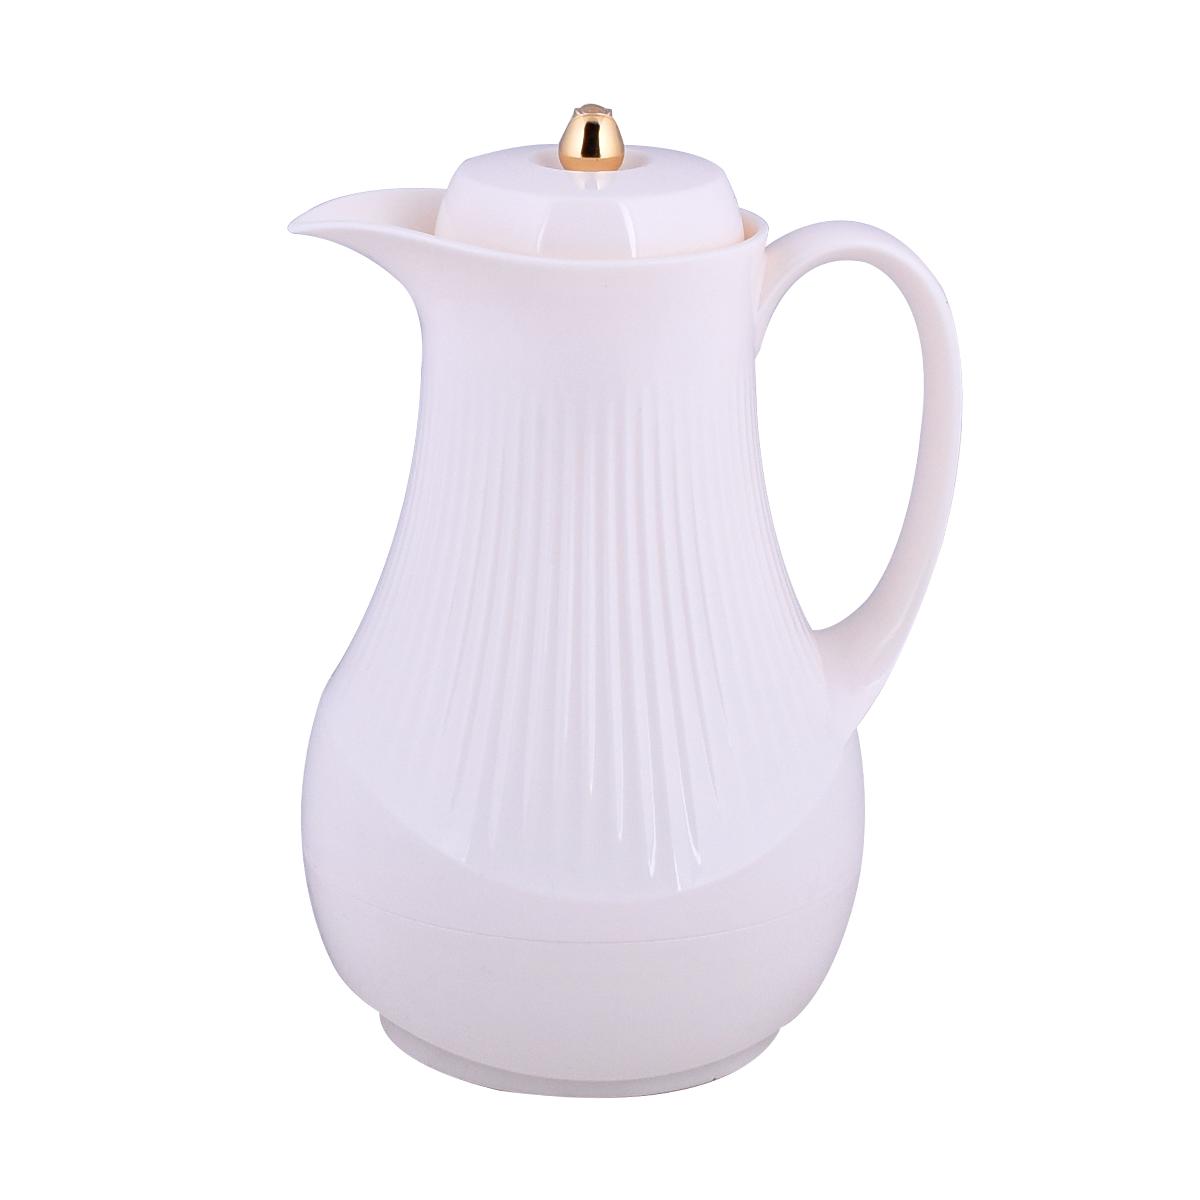 ترمس شاي وقهوة ديفا - DEVA - مقاس 1.0لتر - رقم K190490/LGR